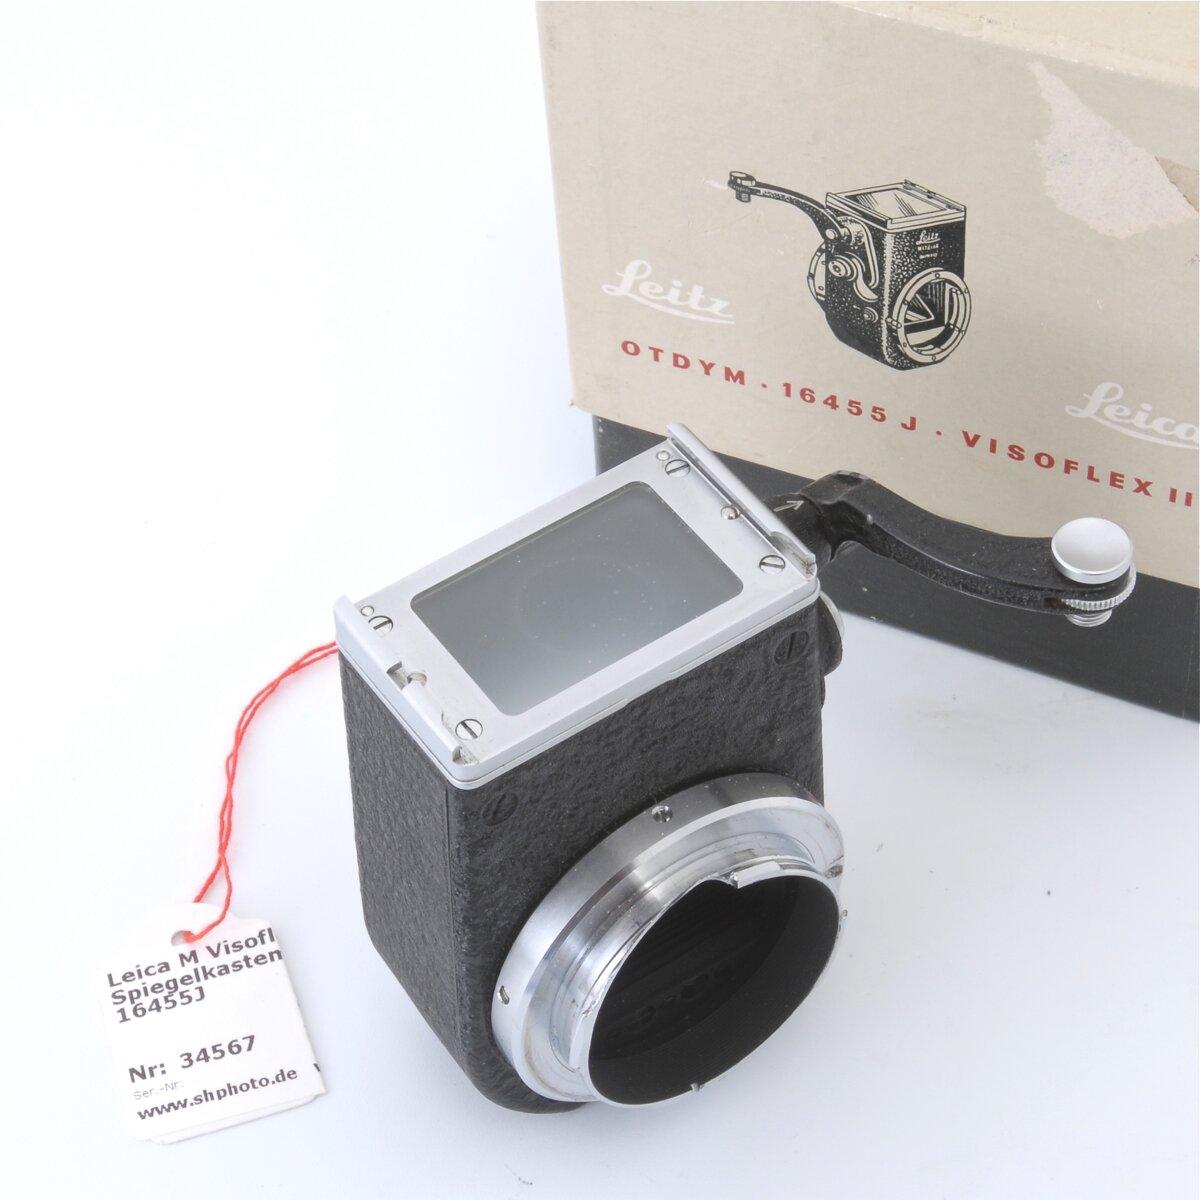 Leica M Visoflex II Spiegelkasten OTDYM  16455J